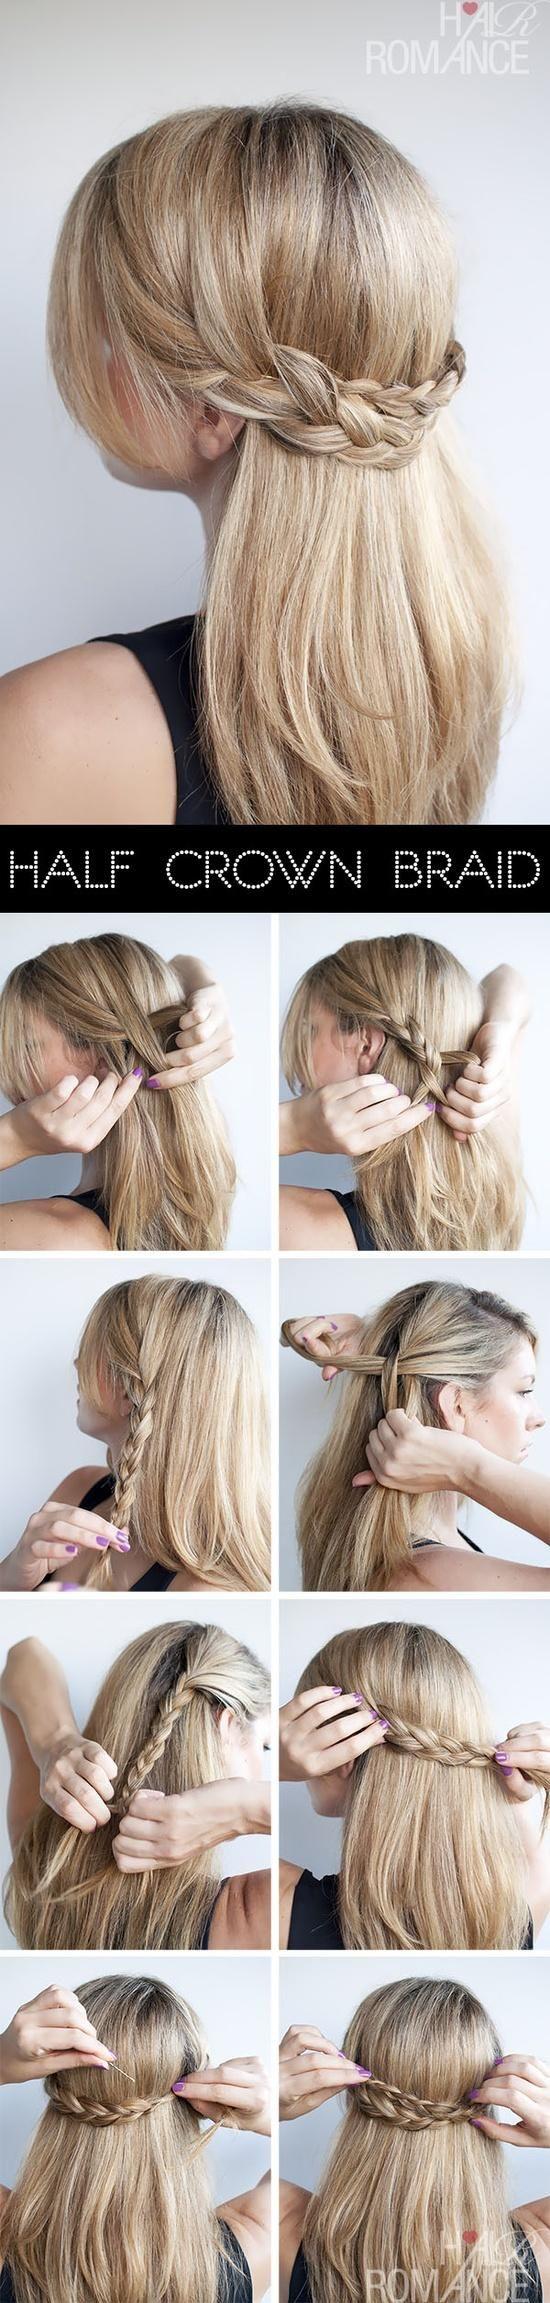 Half crown braid | Hair Romance #tutorial #hair #crown #braid